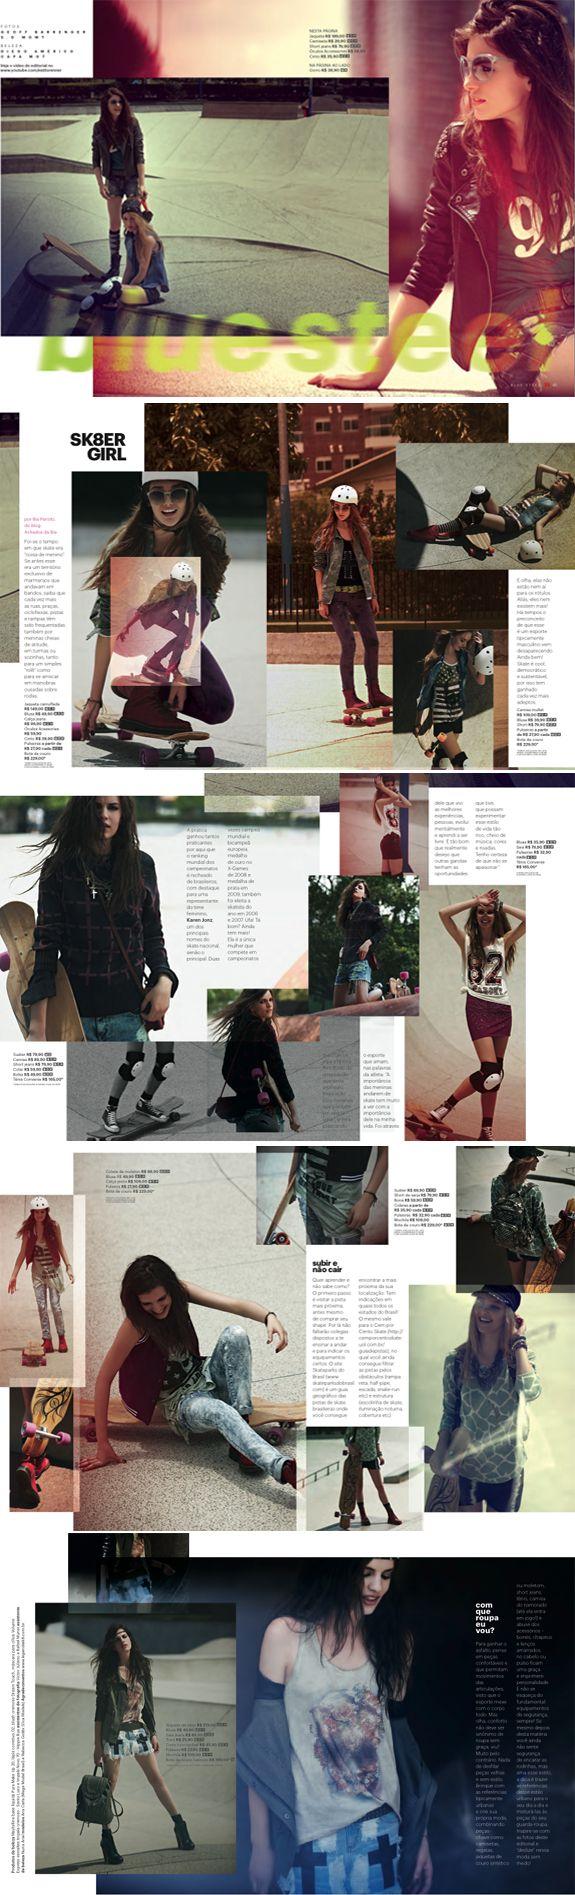 Achados da Bia | Renner | Skate | Inverno 2013